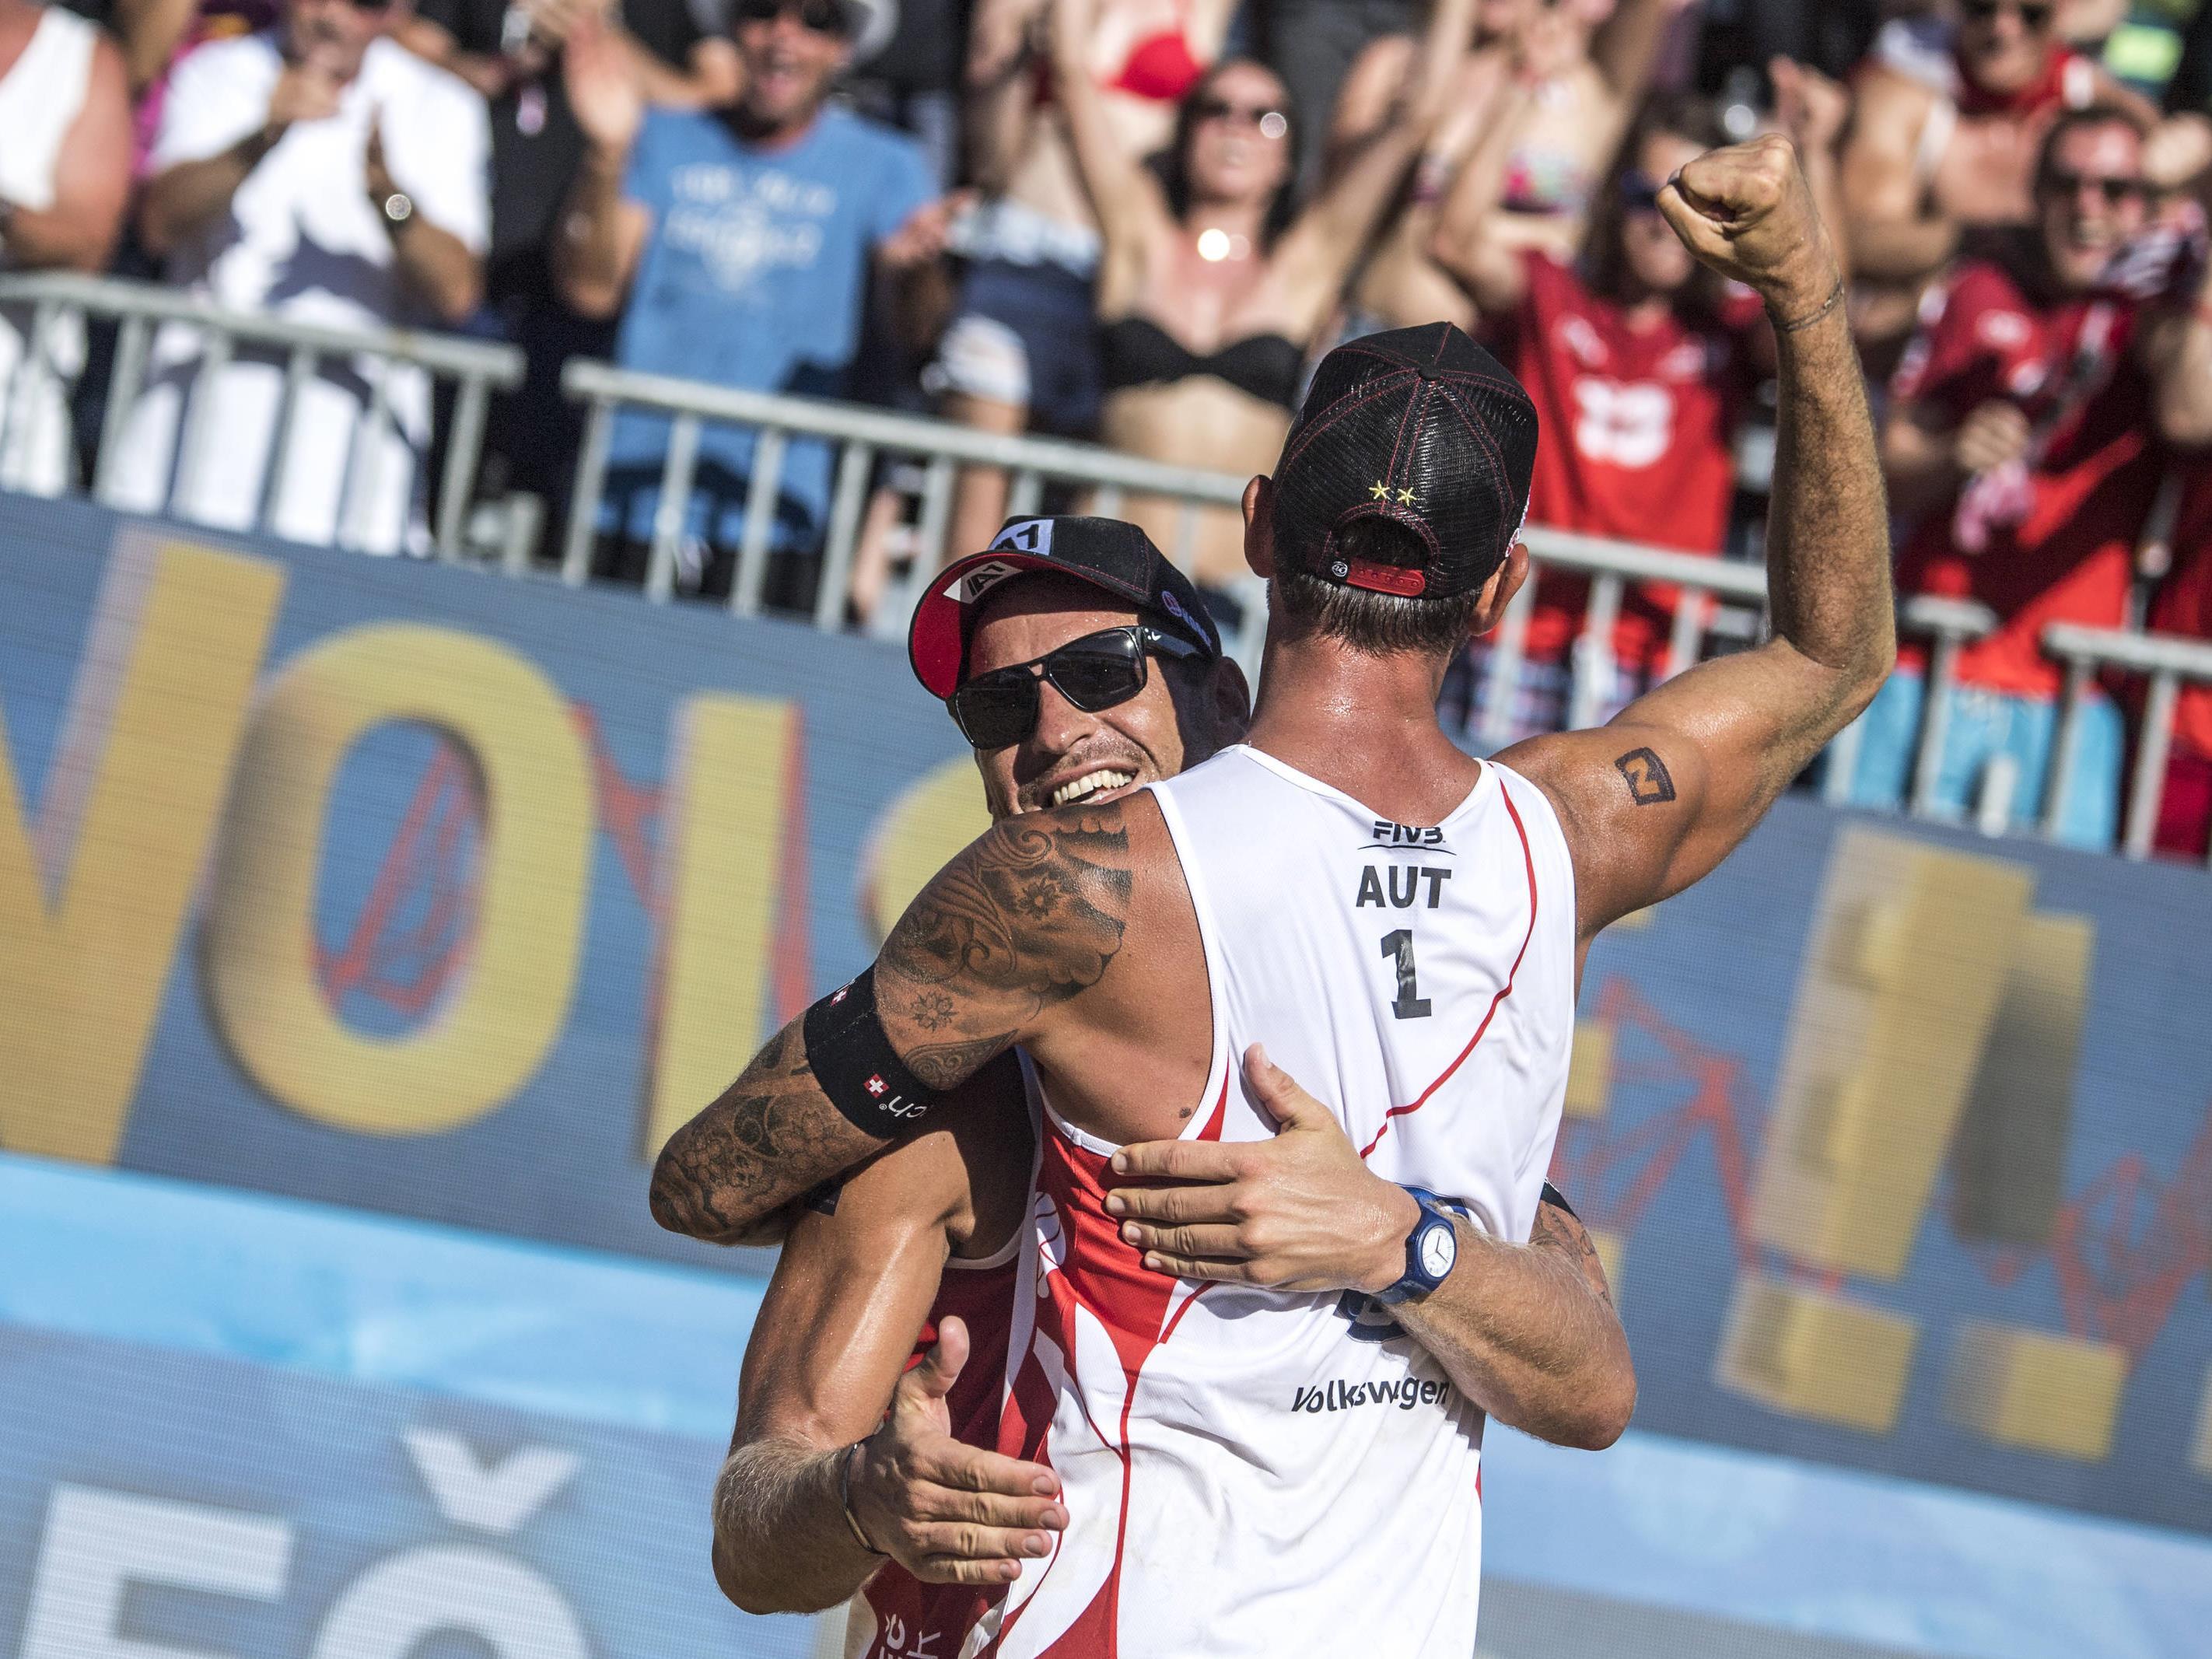 Clemens Doppler und Alexander Horst sind Gruppenkopf bei der Auslosung der WM-Vorrunde.